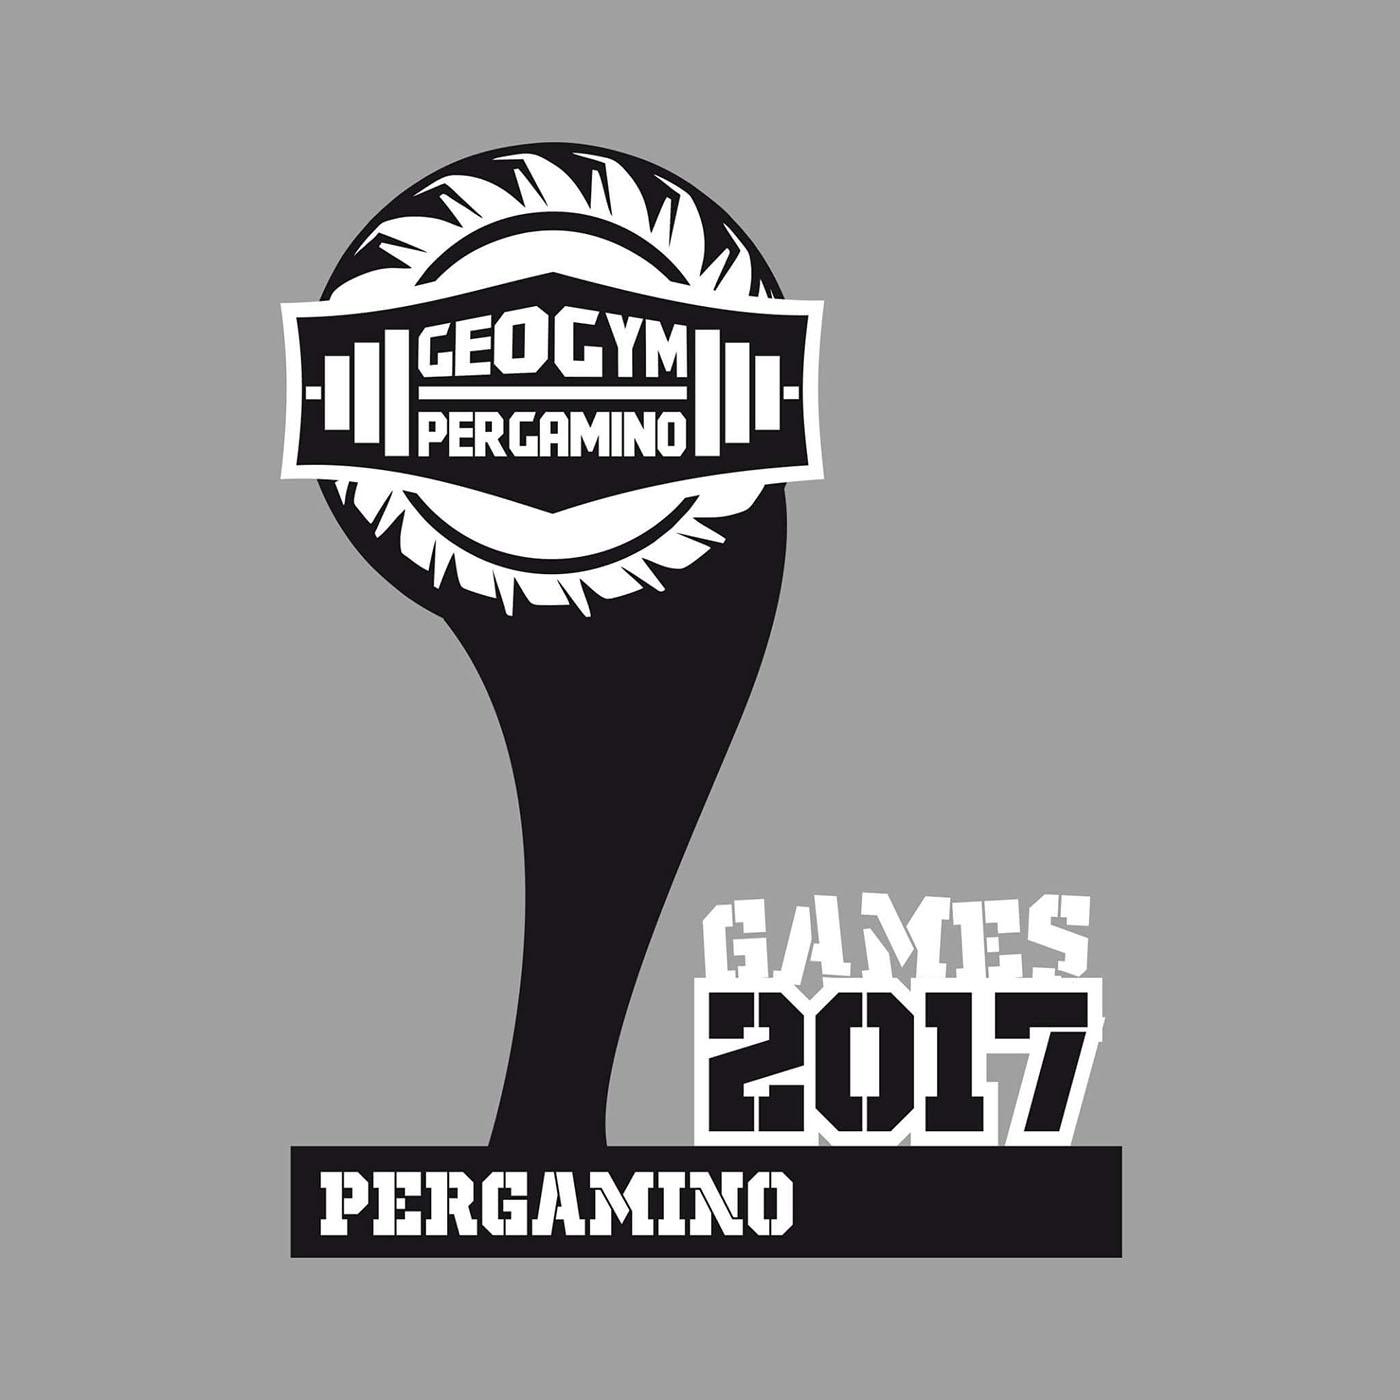 Publicidad para GeoGym de los Games CrossFit 2017 on Behance f80b491e7bc